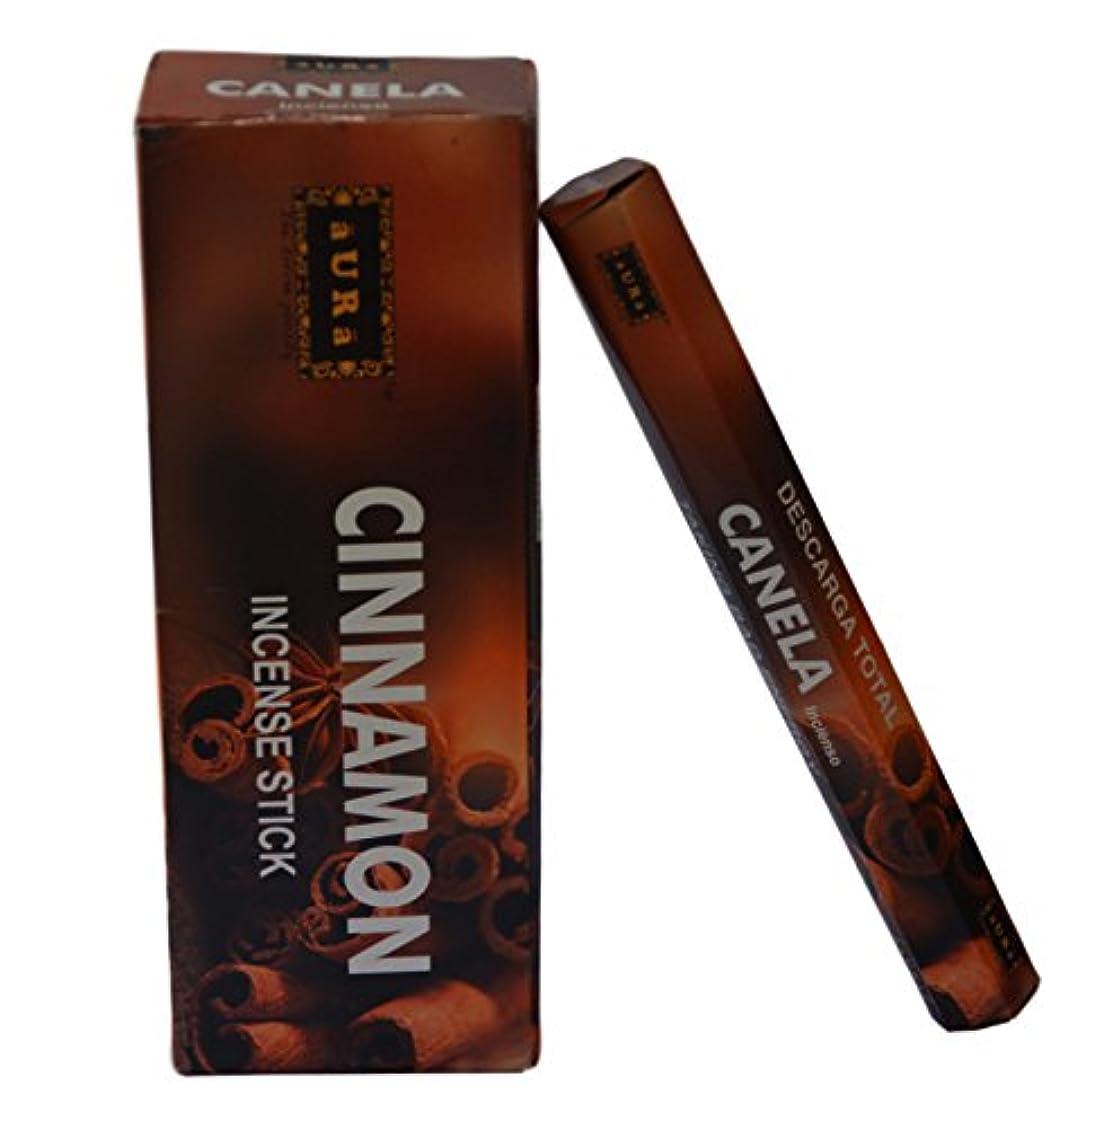 会議ホールド動揺させるオーラCinnamon Scented Incense Sticks、プレミアム天然Incense Sticks、六角packing- 120 Sticks